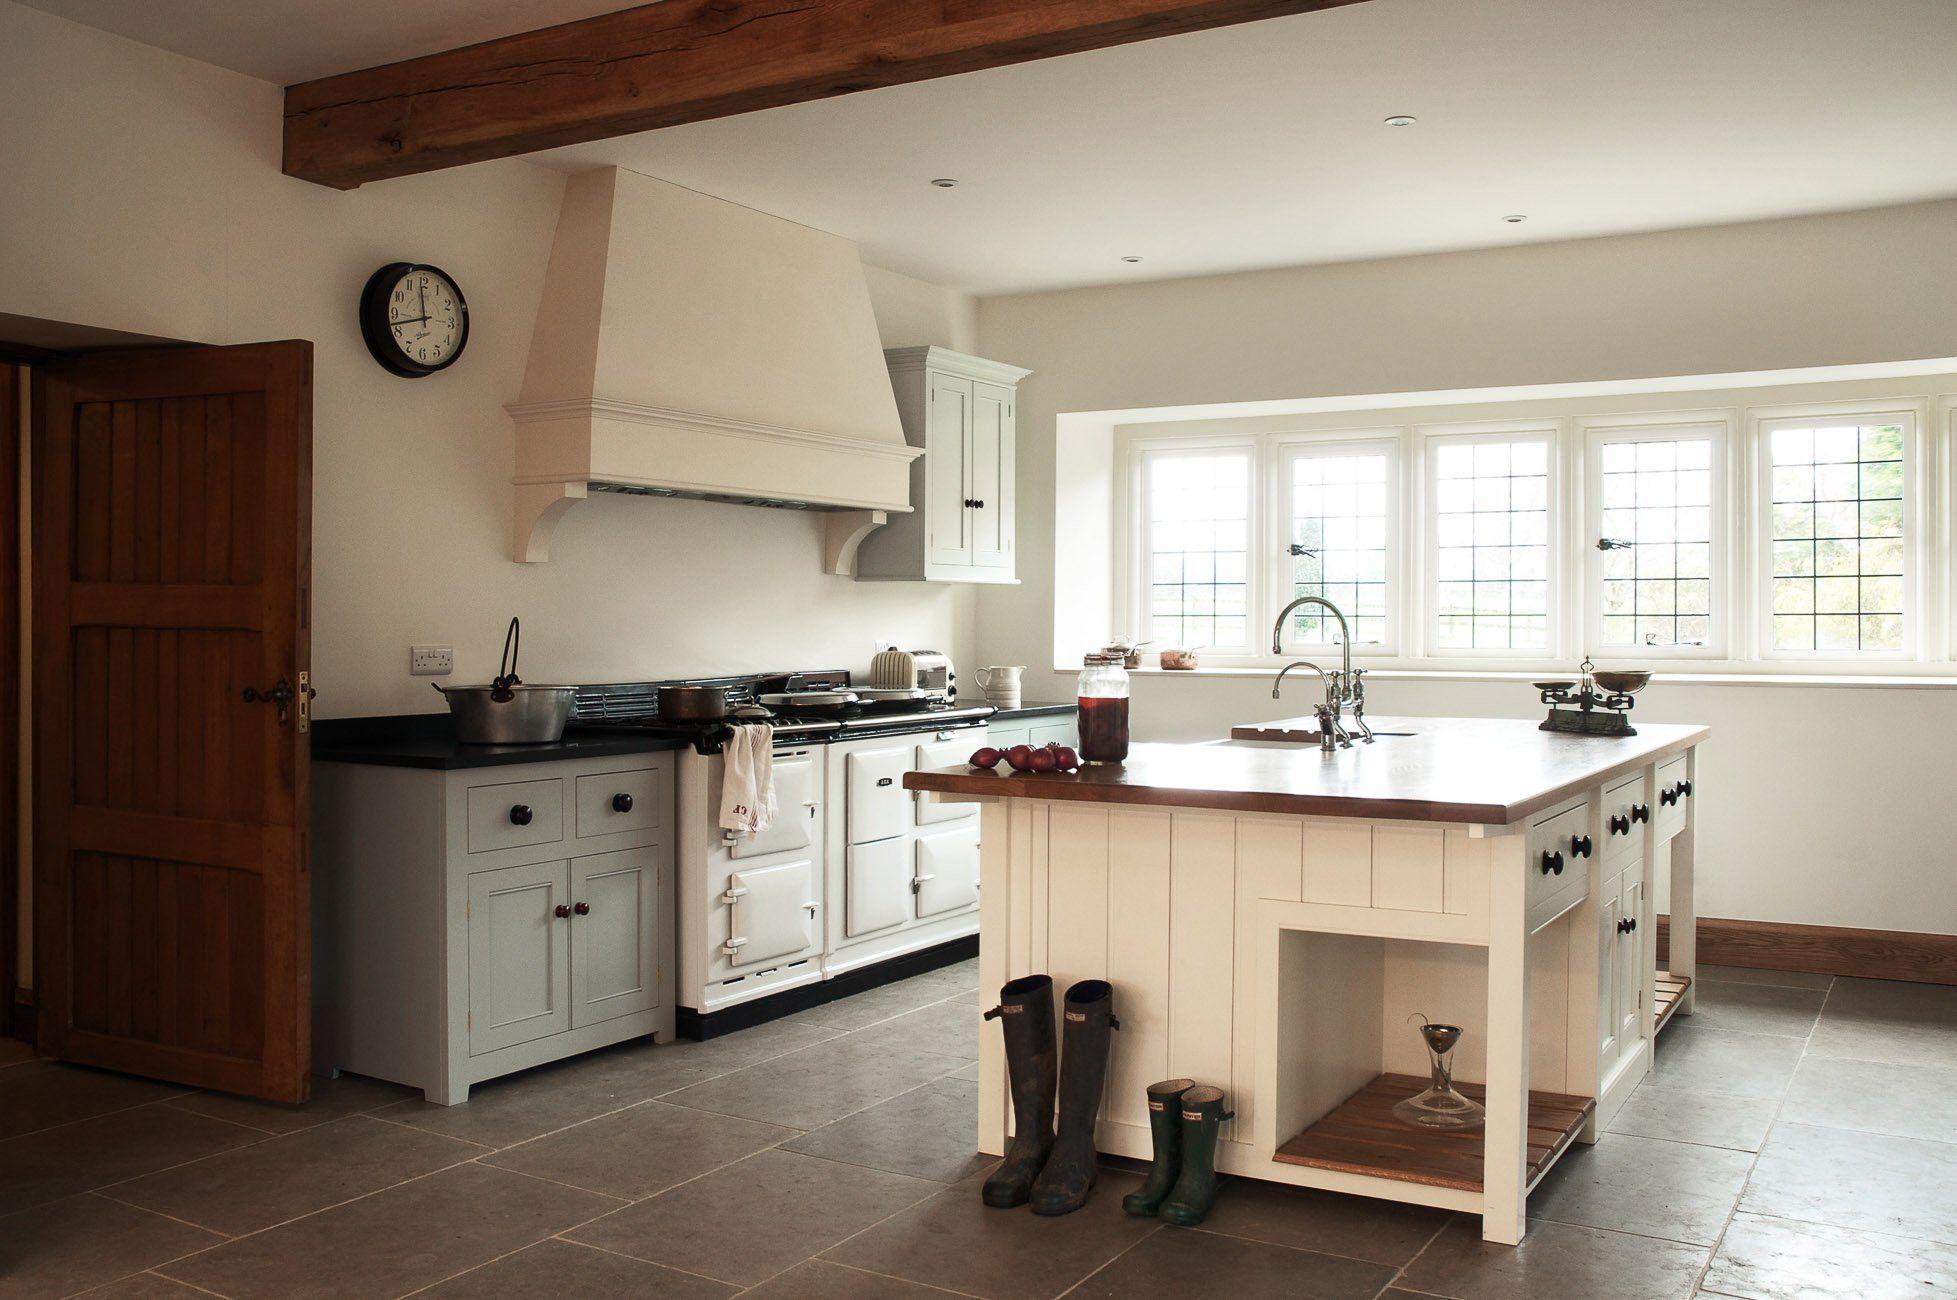 Osgathorpe Kitchen  Devol Kitchens  Kitchen  Pinterest  Devol Amusing Kitchen Knobs Inspiration